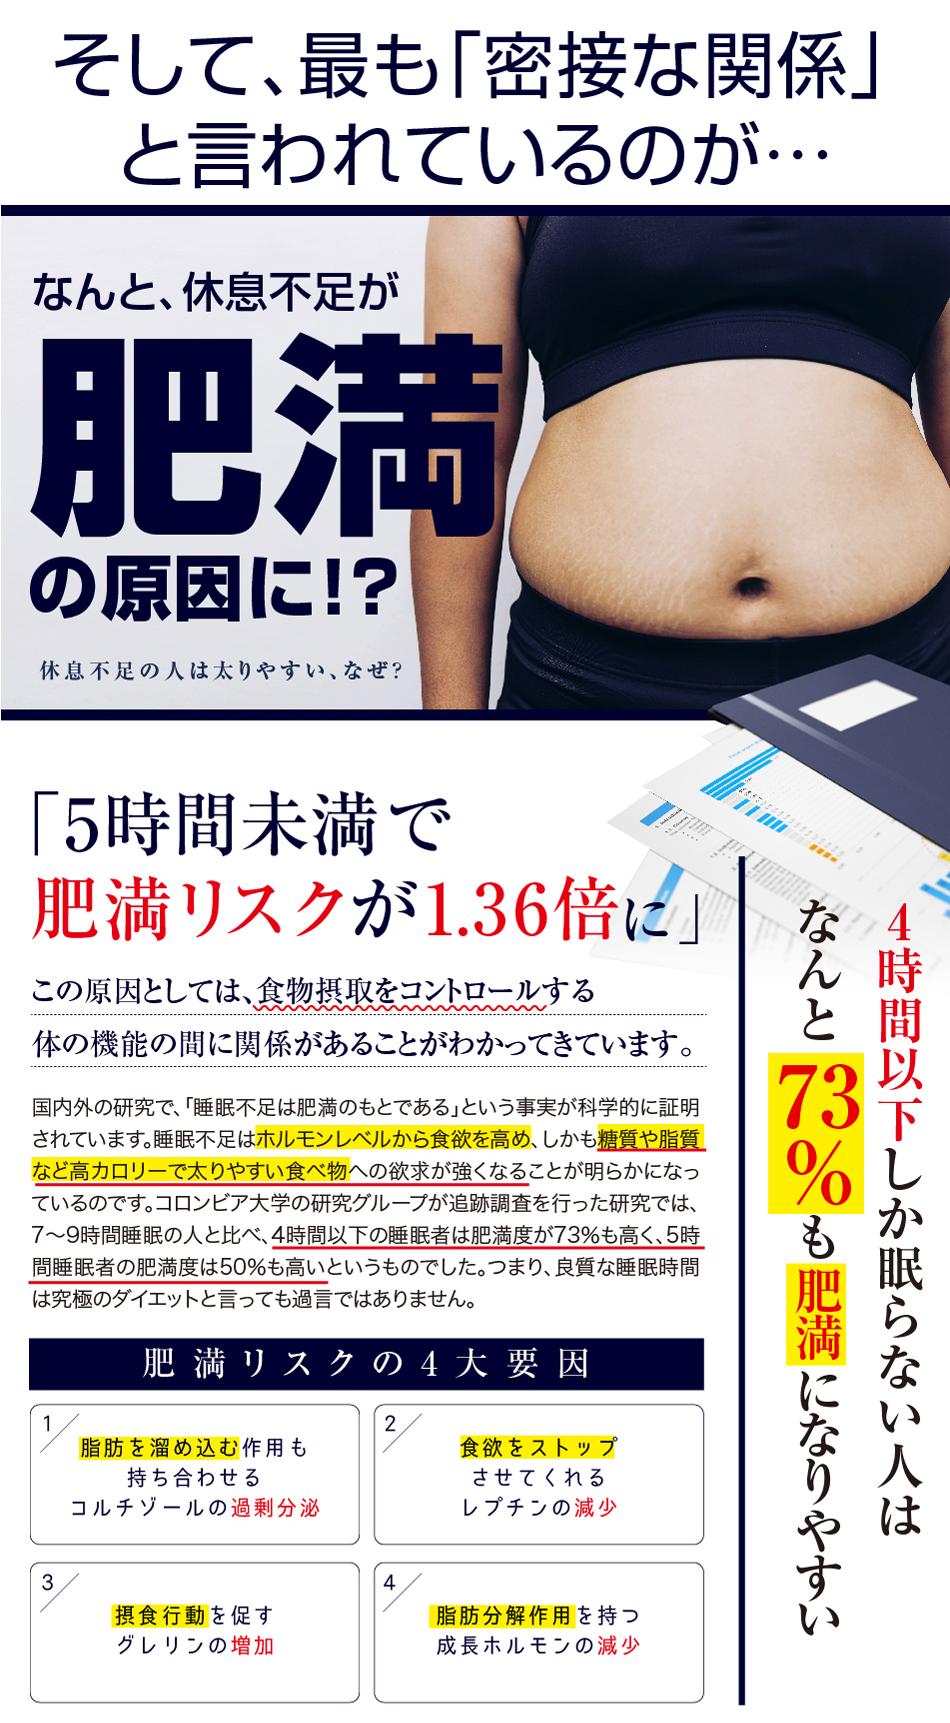 なんと、睡眠不足が肥満の原因に!? 4時間以下しか眠らない人はなんと73%も肥満になりやすい